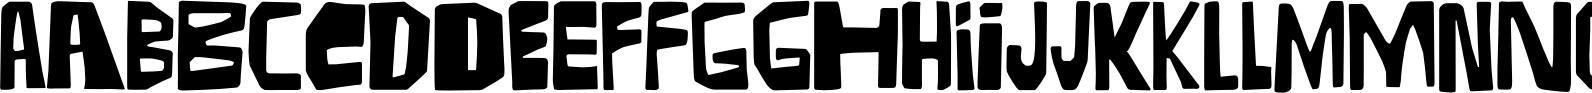 Pieches